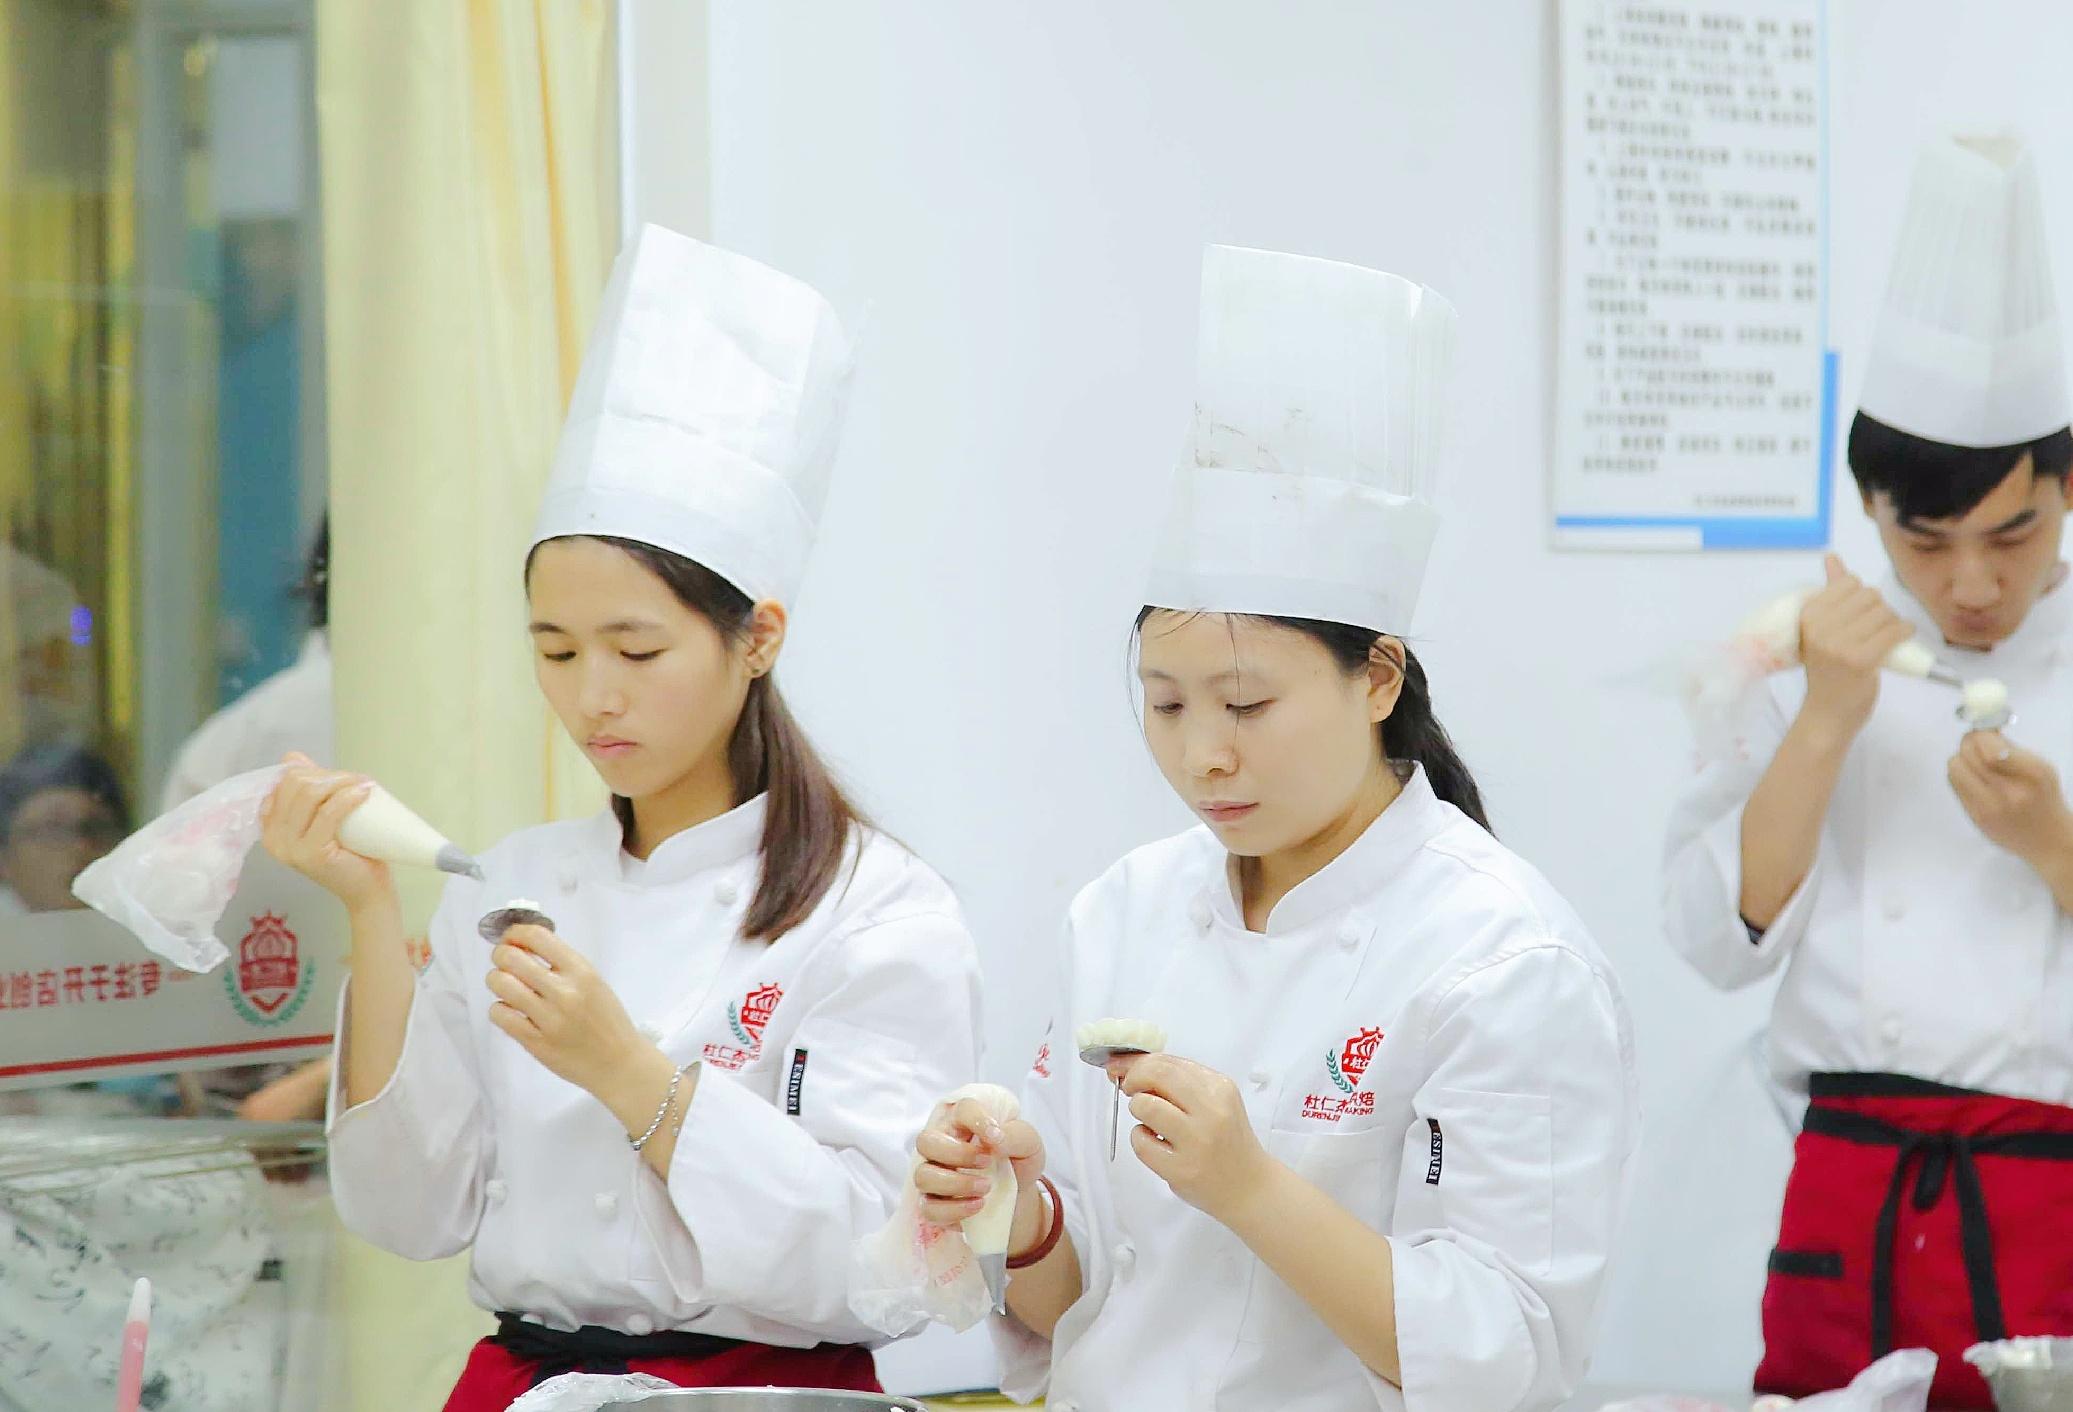 学西点烘焙一般要花多少钱?